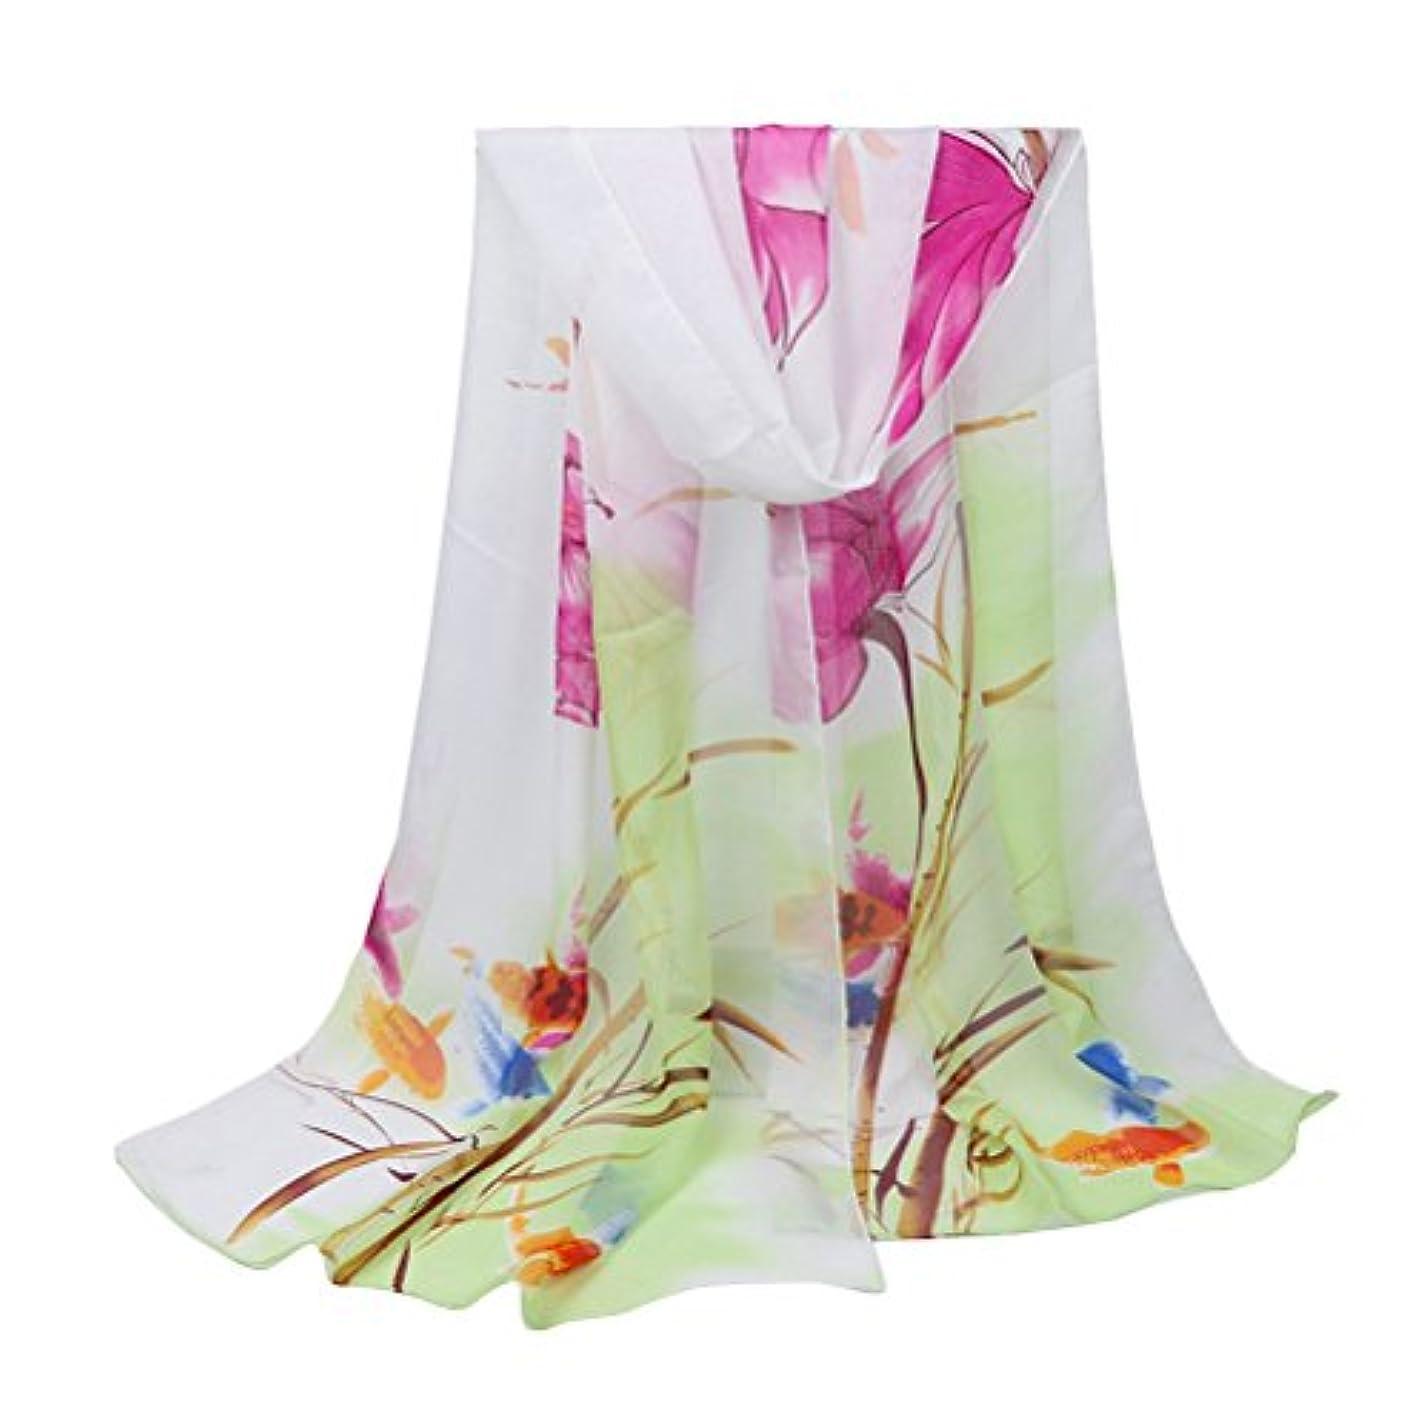 爆発する下に困惑したZhuhaitf スタイリッシュ Fashion Ladies Girls Flower Printing Chiffon Scarf Sun Shawl Beach Towel for Daily Dressed